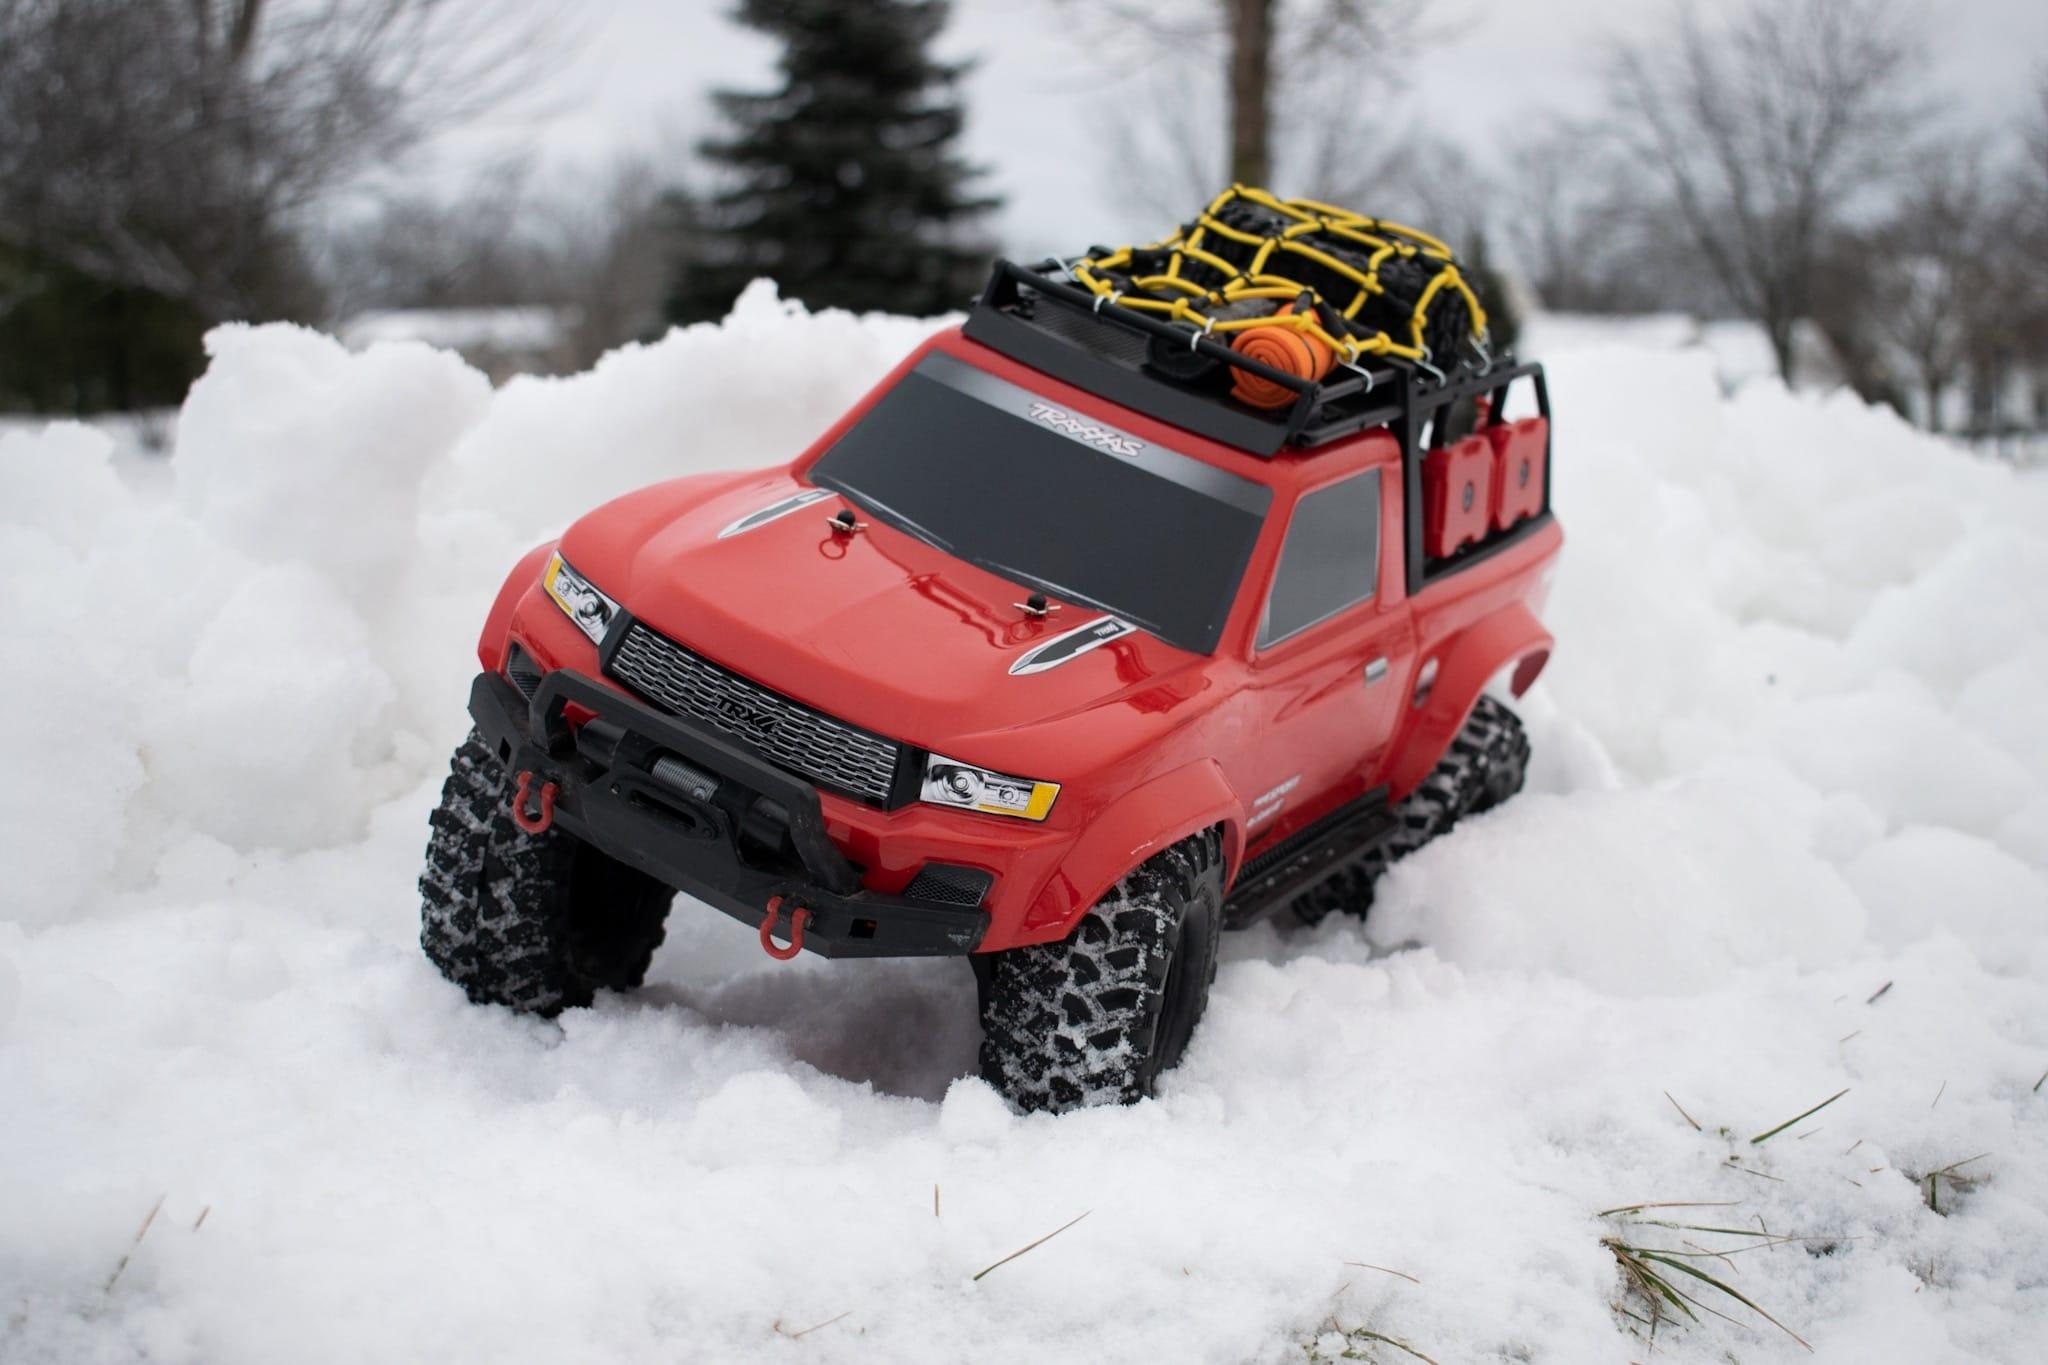 Traxxas TRX-4 Sport - Snow